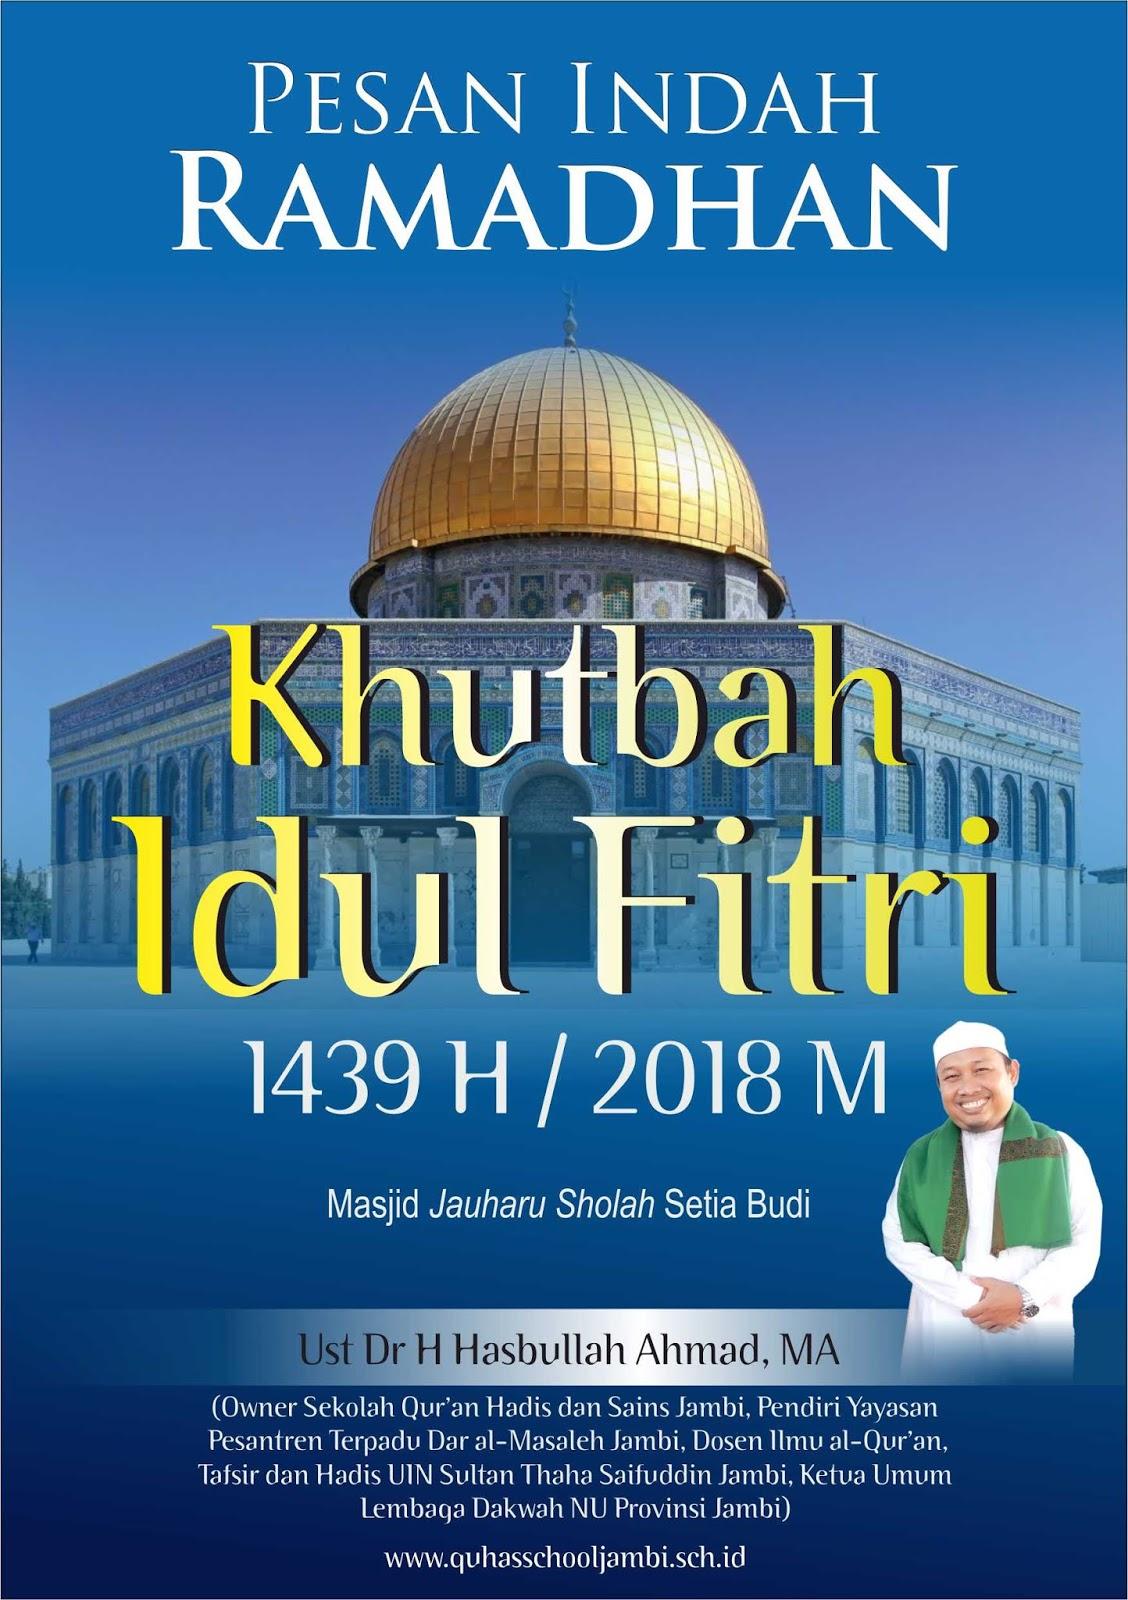 Pesan Indah Ramadhan Khutbah Idul Fitri 1439 H Oleh Ust